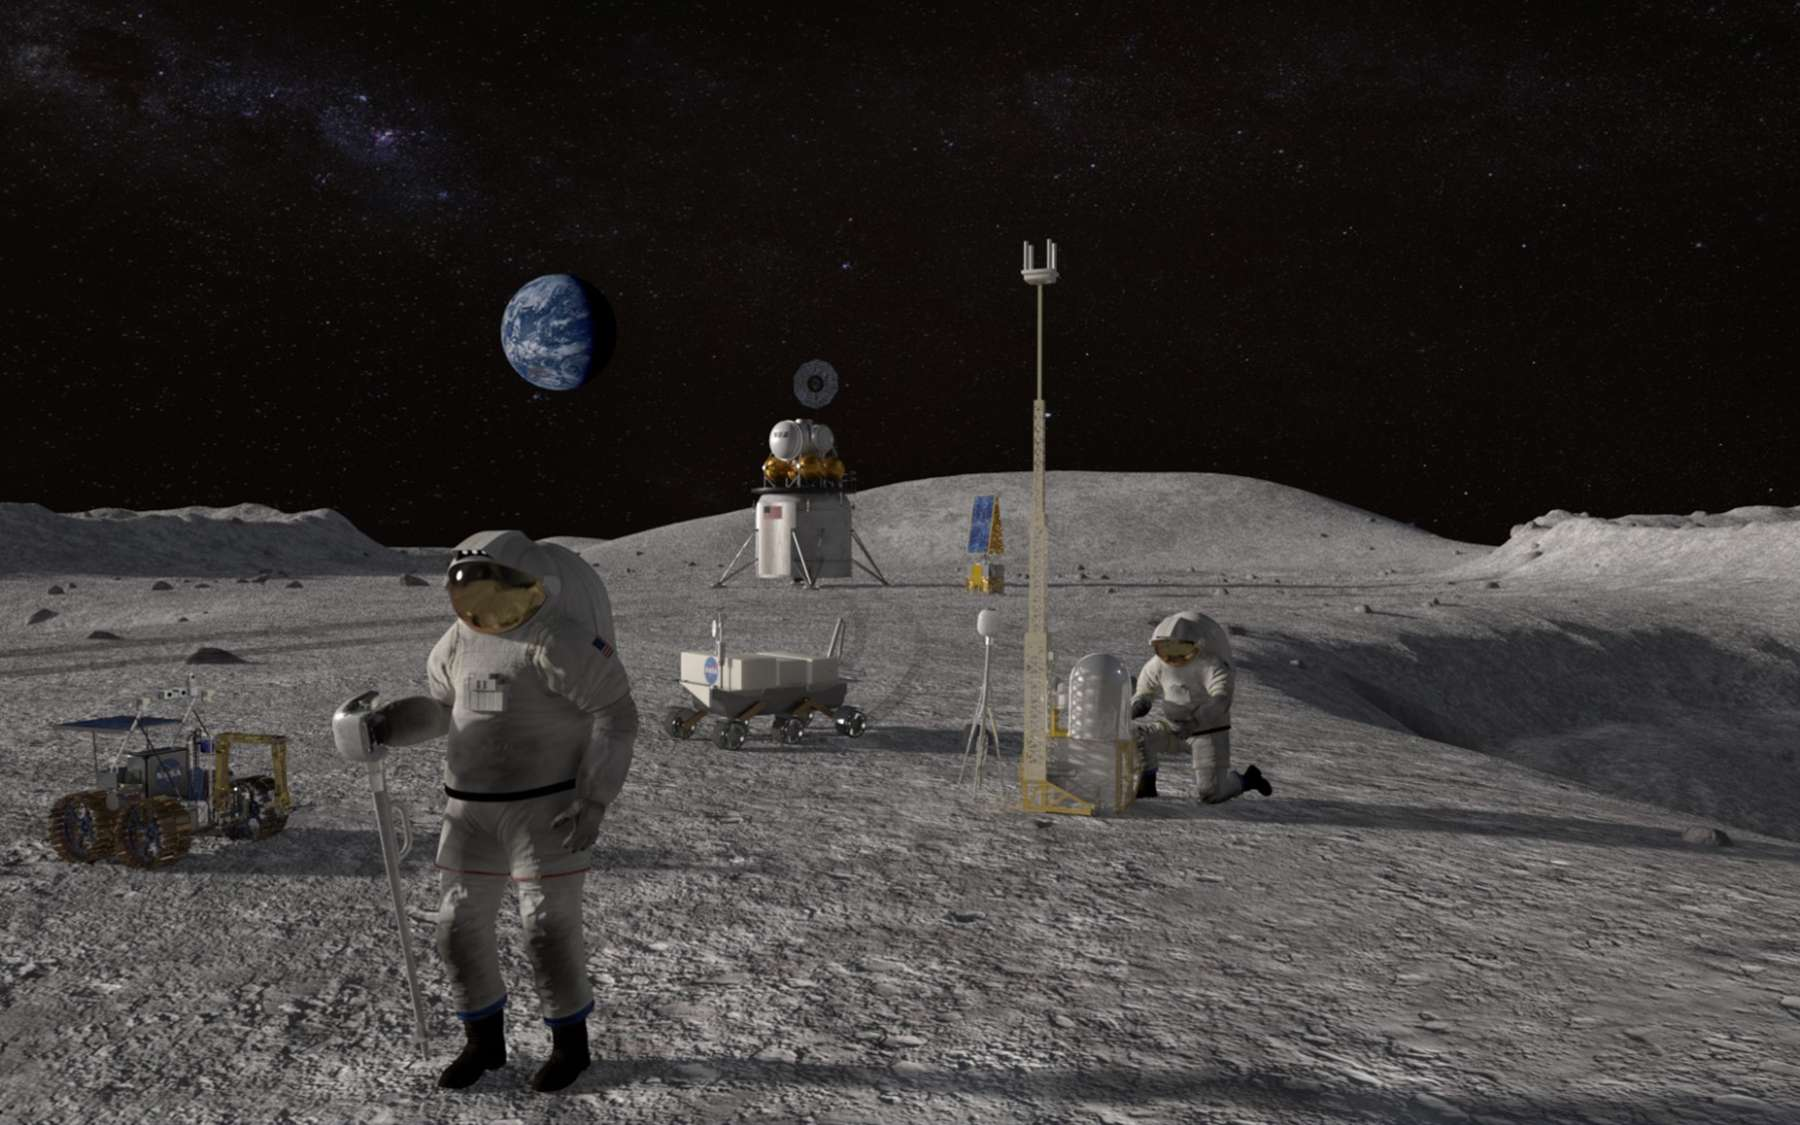 Le programme Artemis de la Nasa prévoit le retour des États-Unis sur la Lune dès 2024. © Nasa